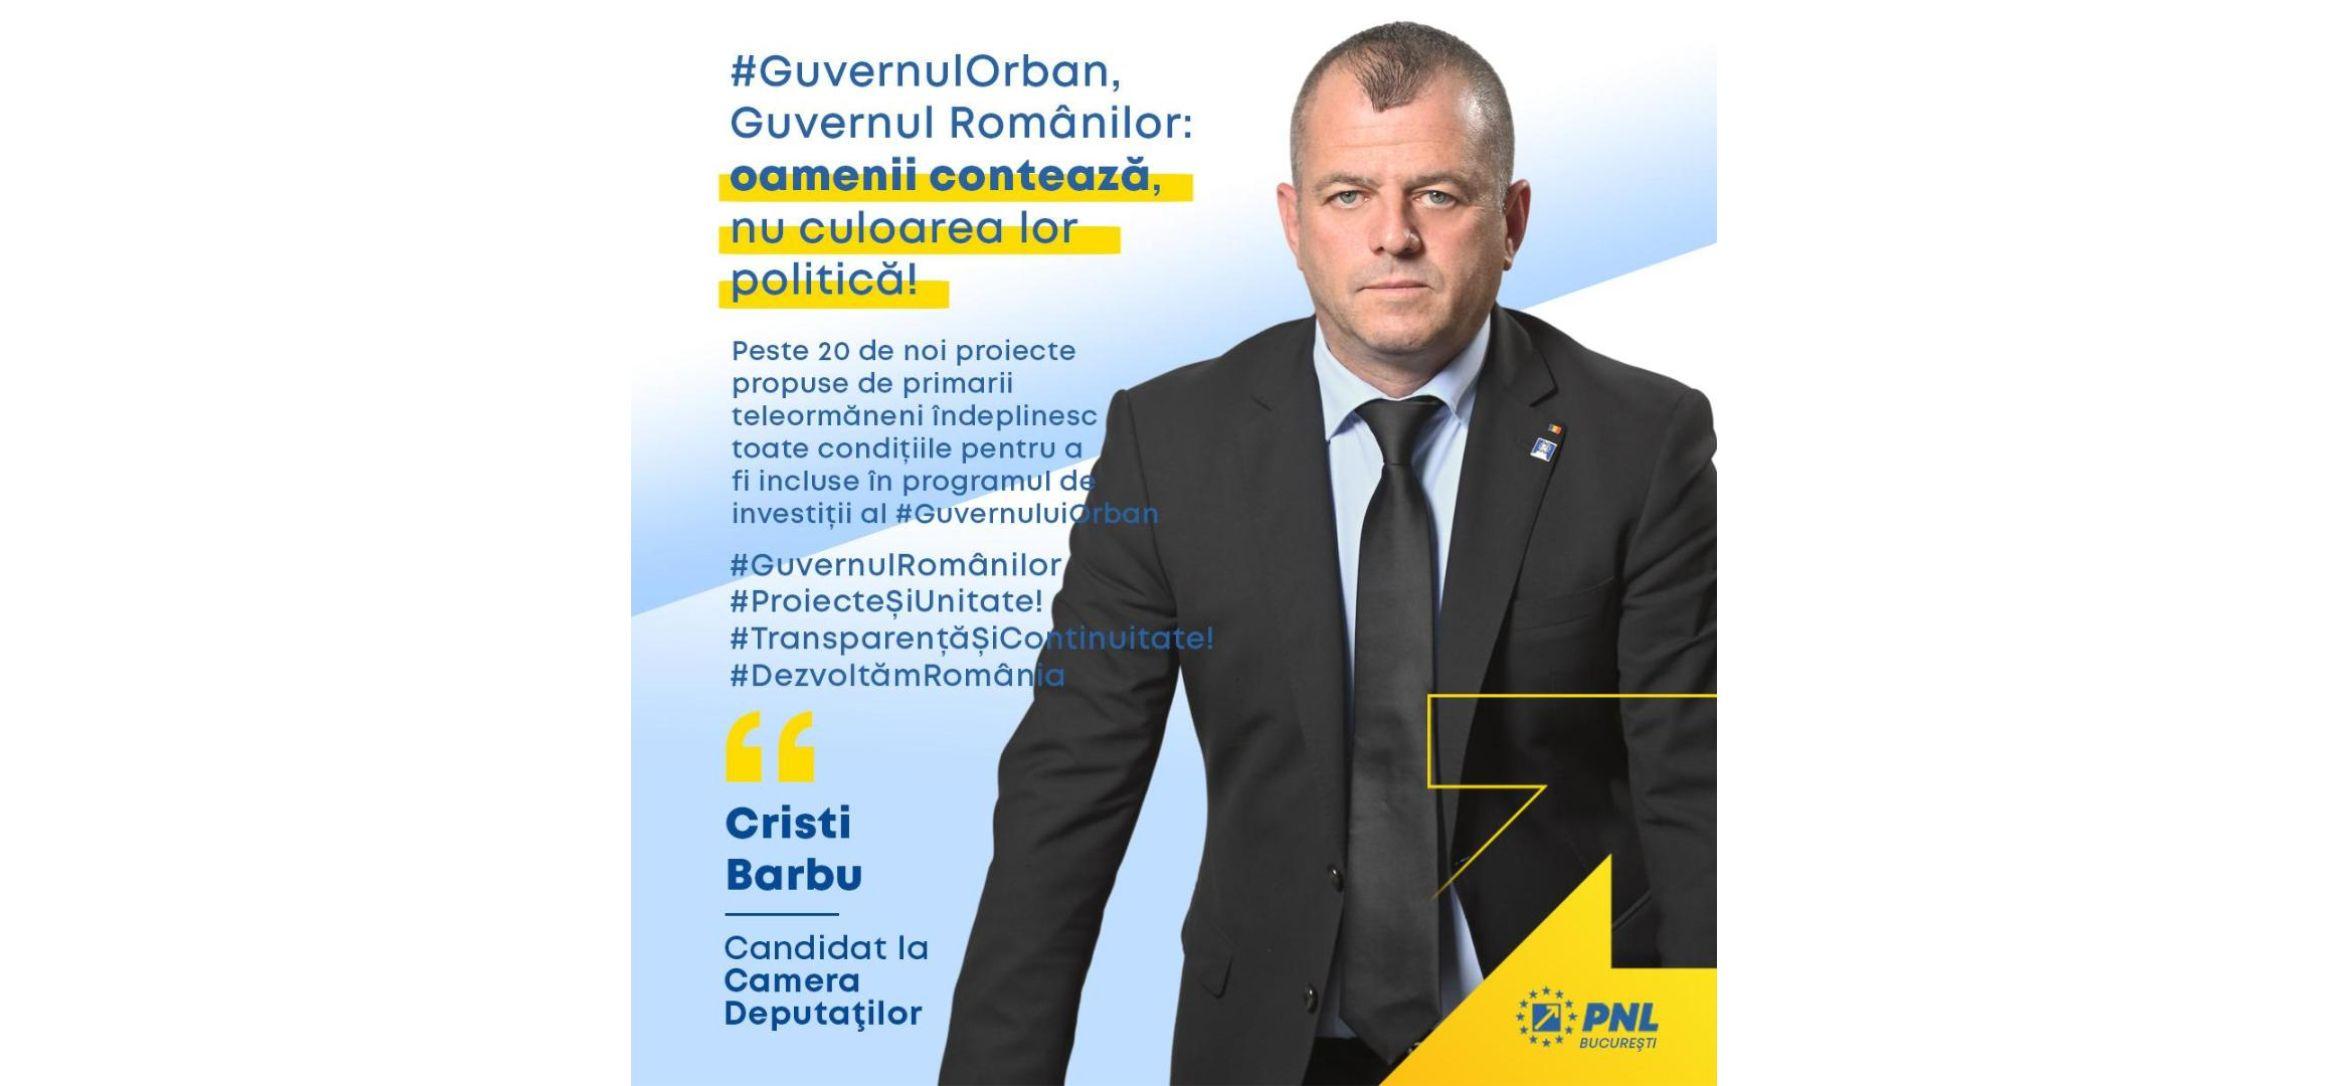 #GuvernulOrban, Guvernul Românilor: oamenii contează, nu culoar